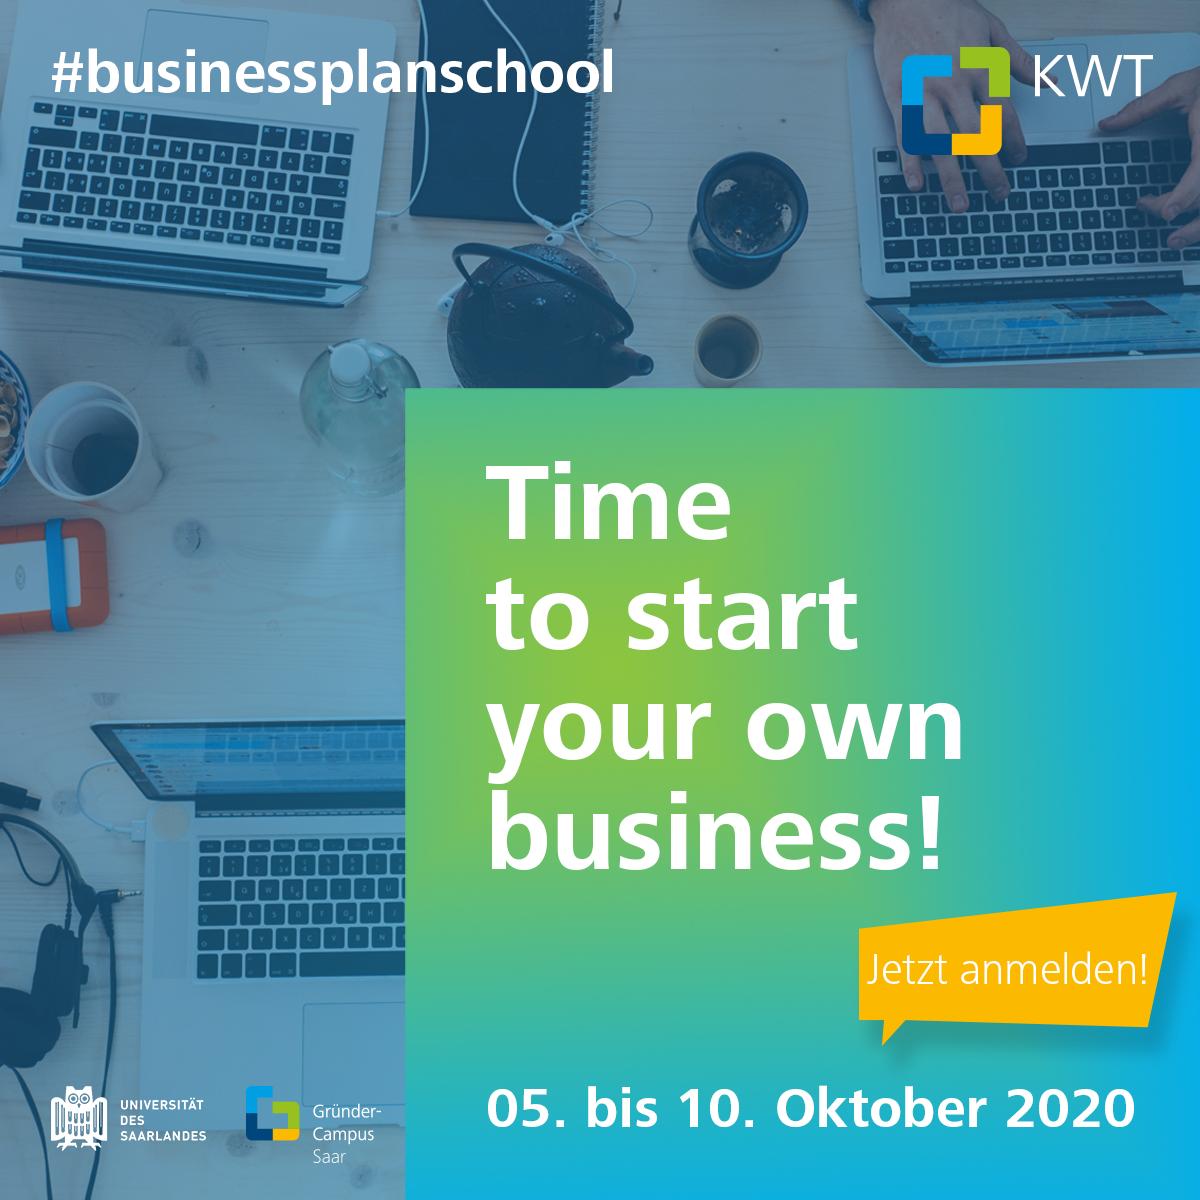 Businessplan-School